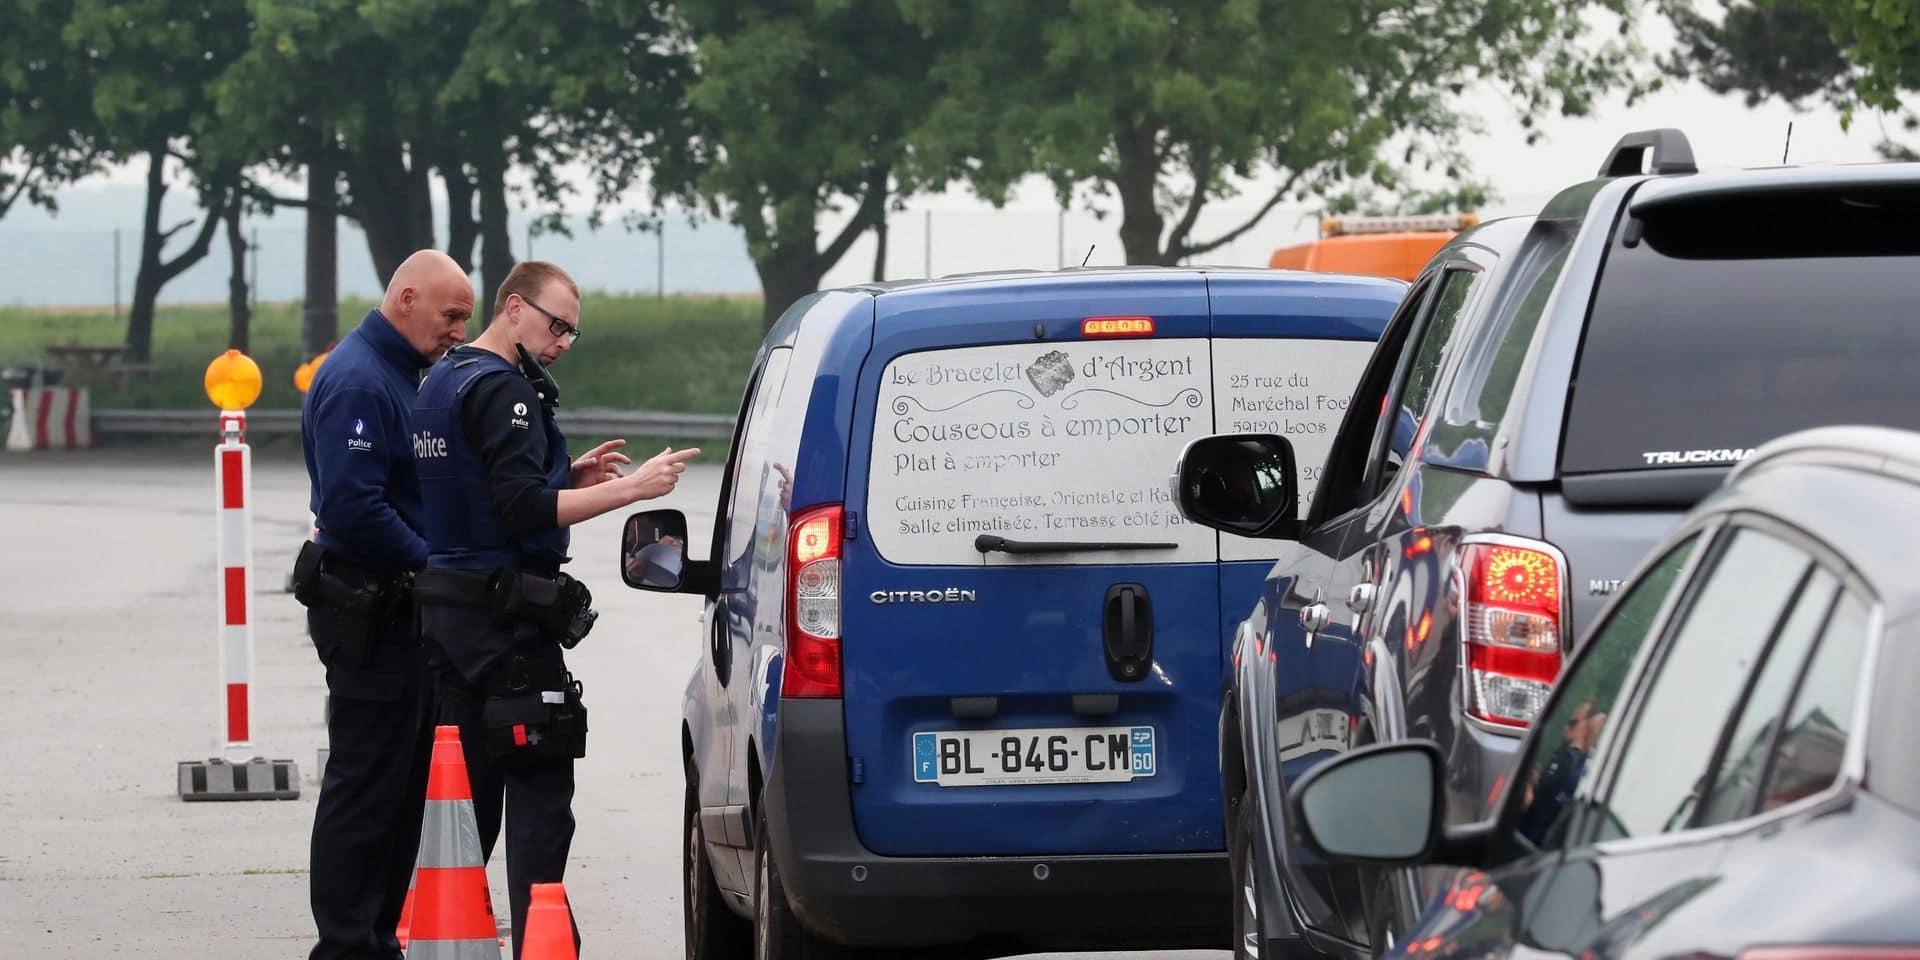 Voyages non-essentiels : feu vert de la Chambre pour le transfert des données du Passenger Locator Form aux autorités locales et la police